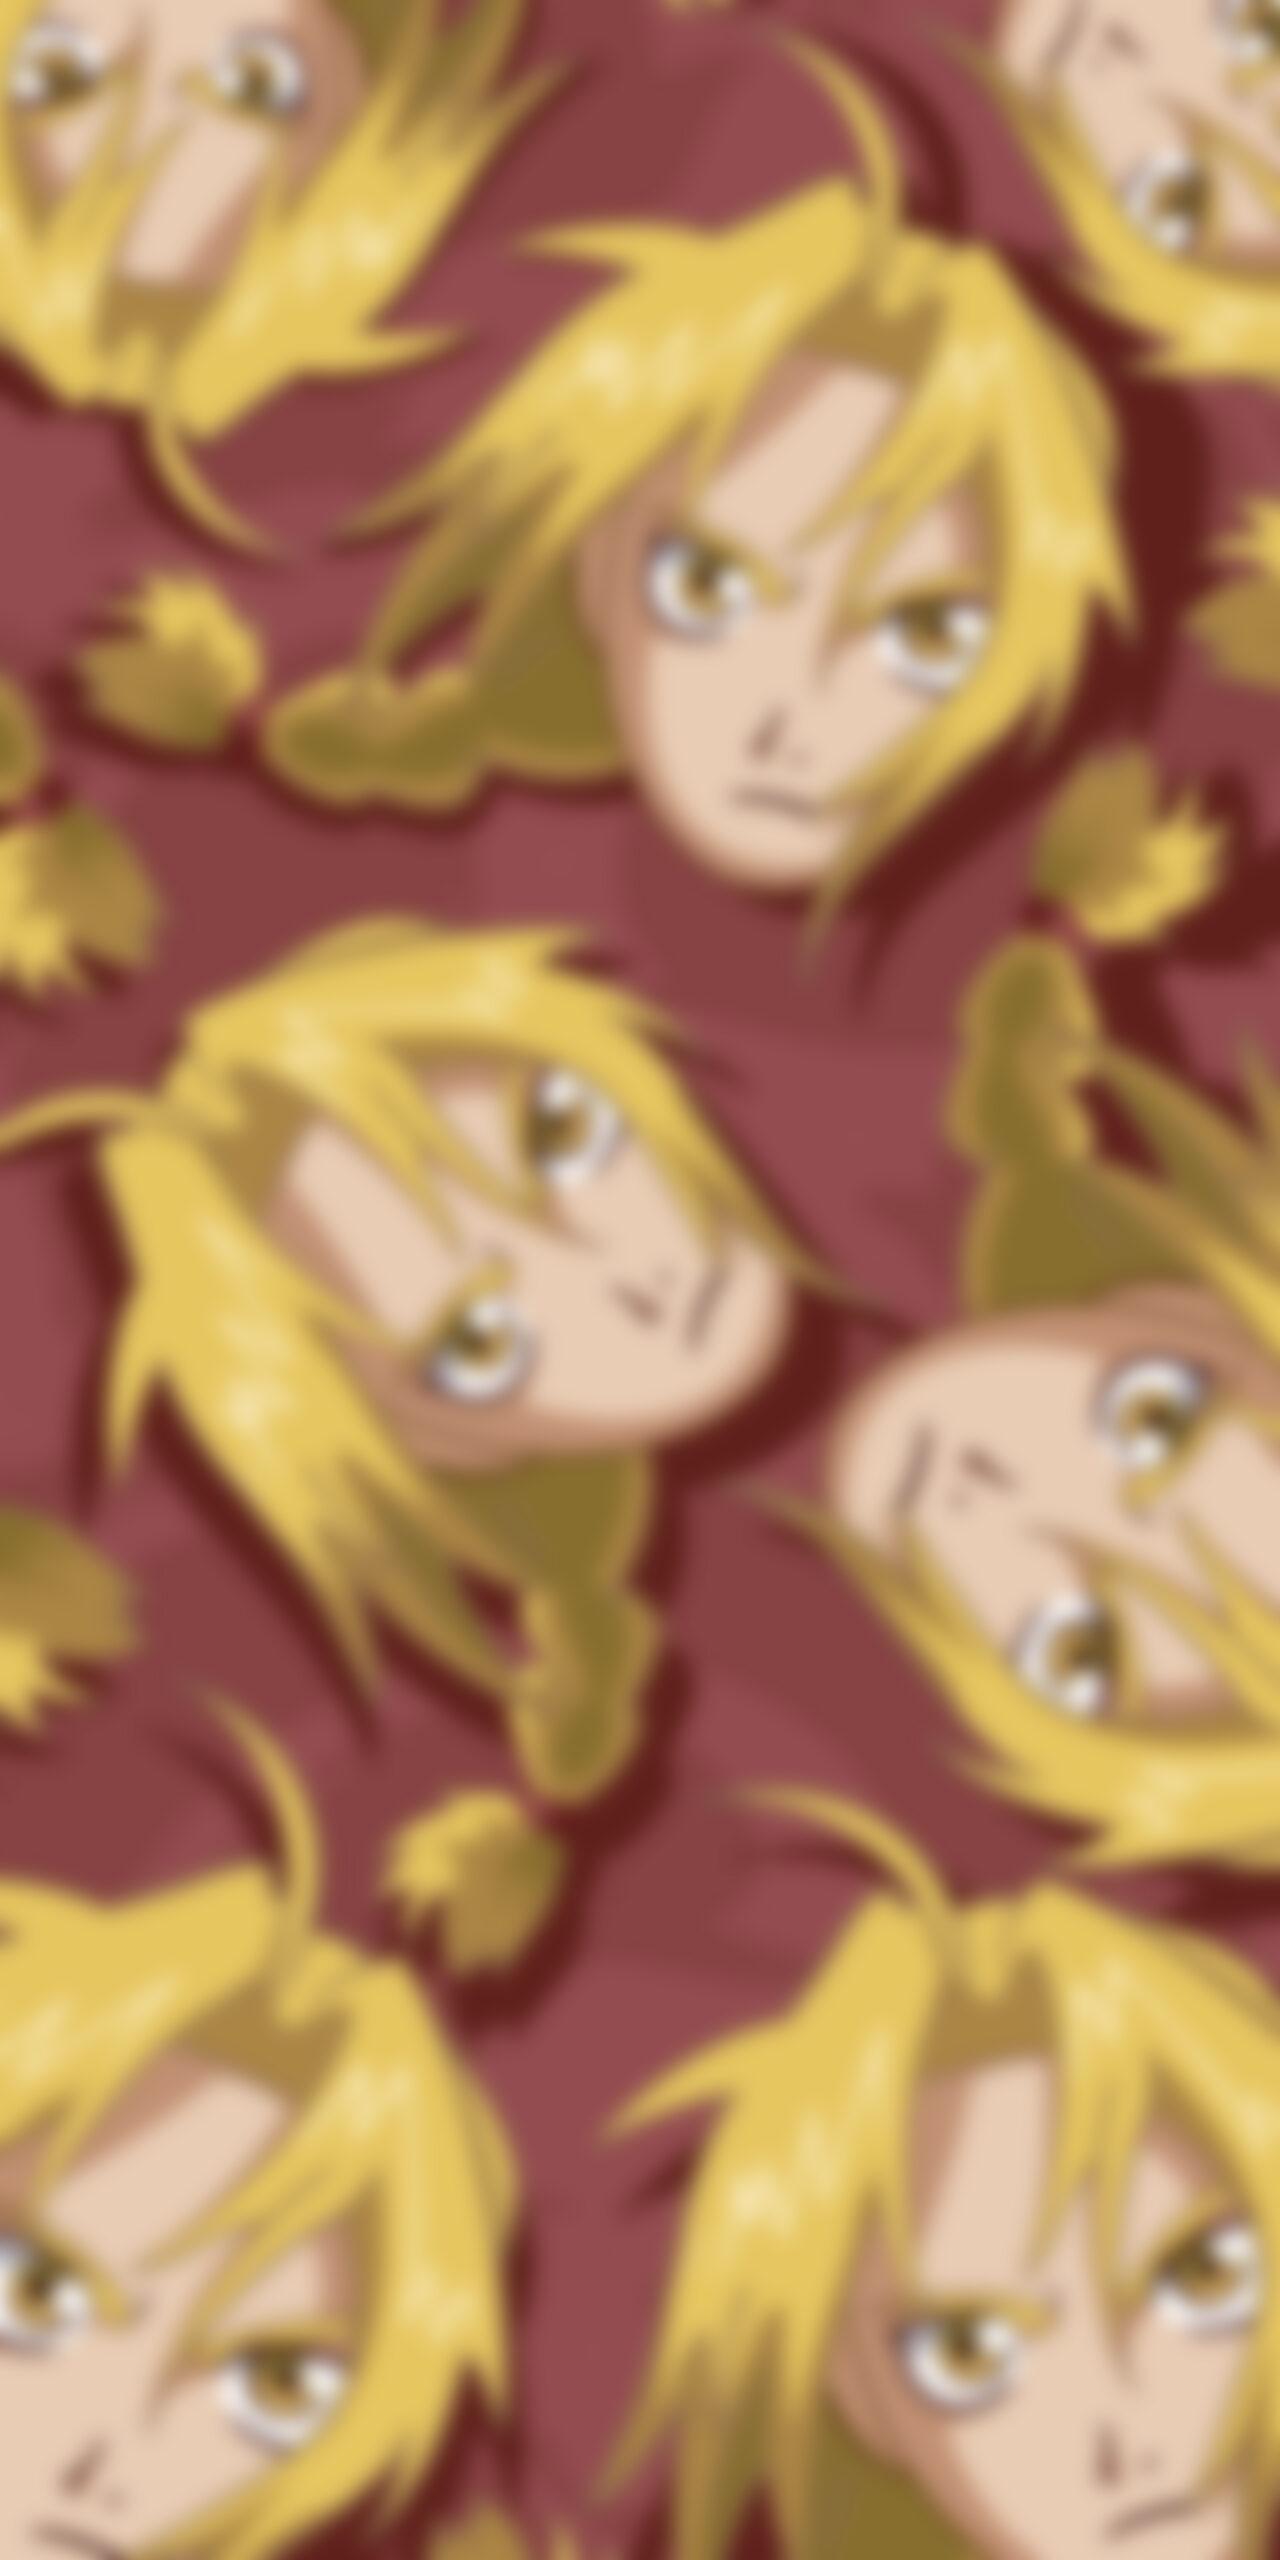 fullmetal alchemist edward elric red blur wallpaper